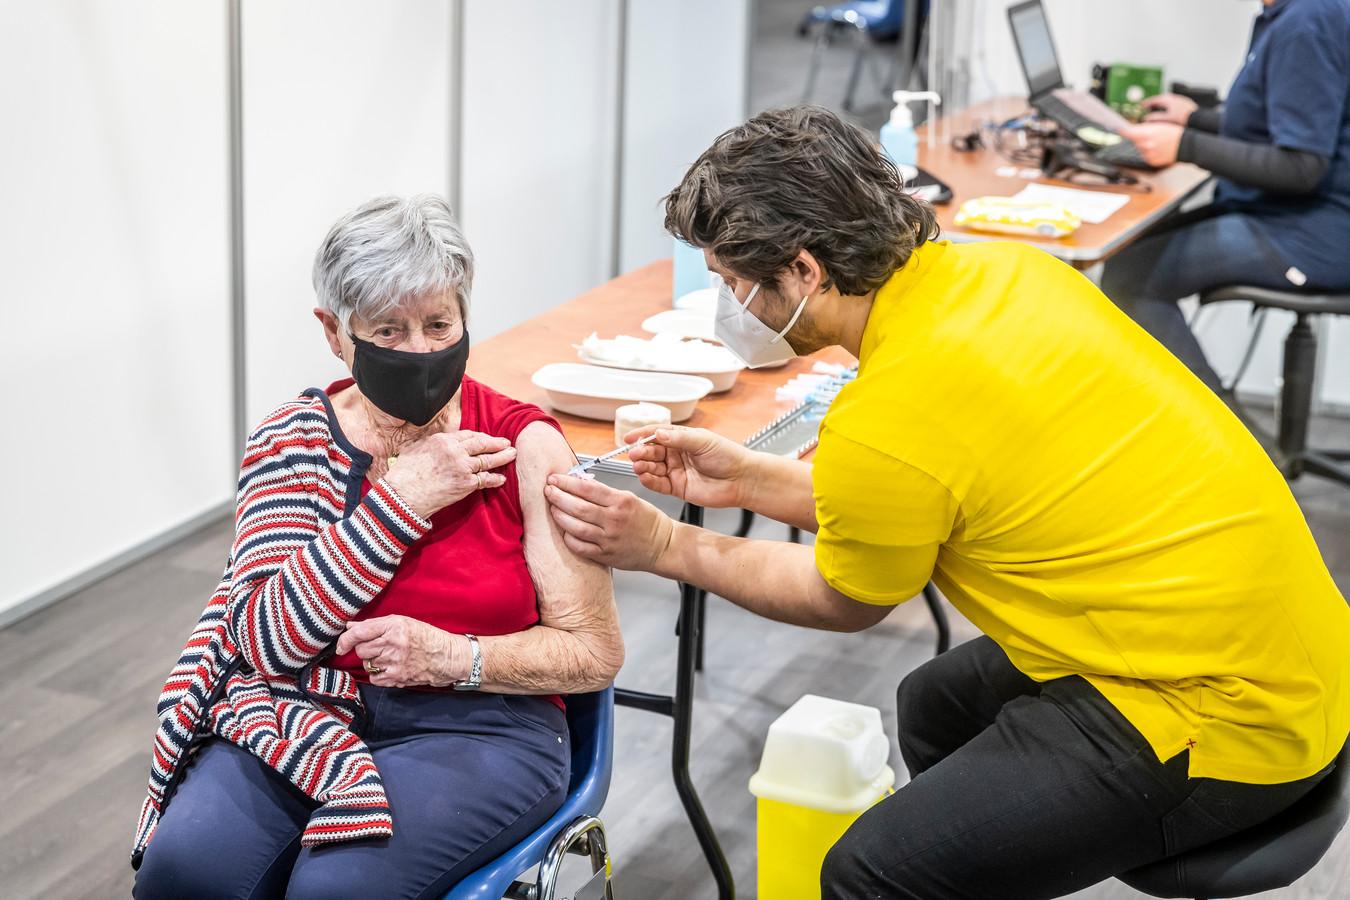 Helmond - Maandag 2 februari werd gestart met vaccineren in sporthal de Braak in Helmond.